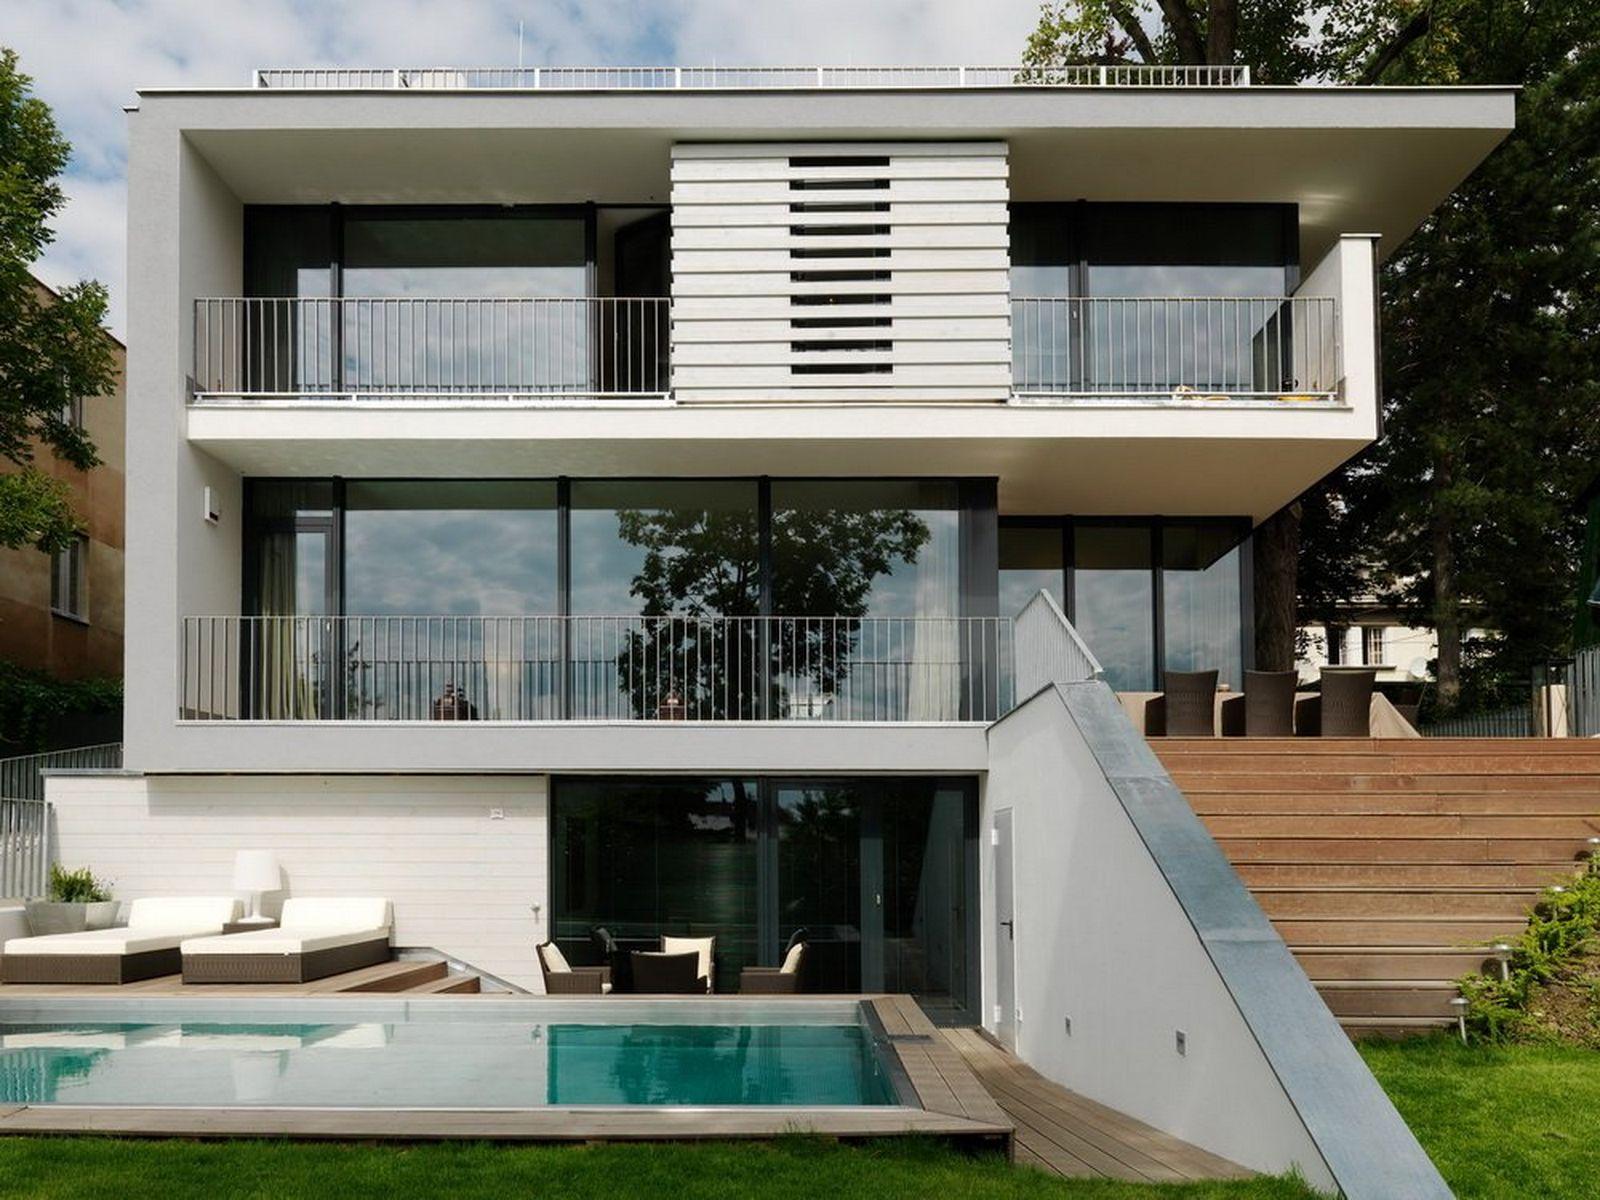 minimalist-architecture-interior-design & Bagaimana sih Pengertian Desain Rumah Minimalis itu? | ARSIKONS.co